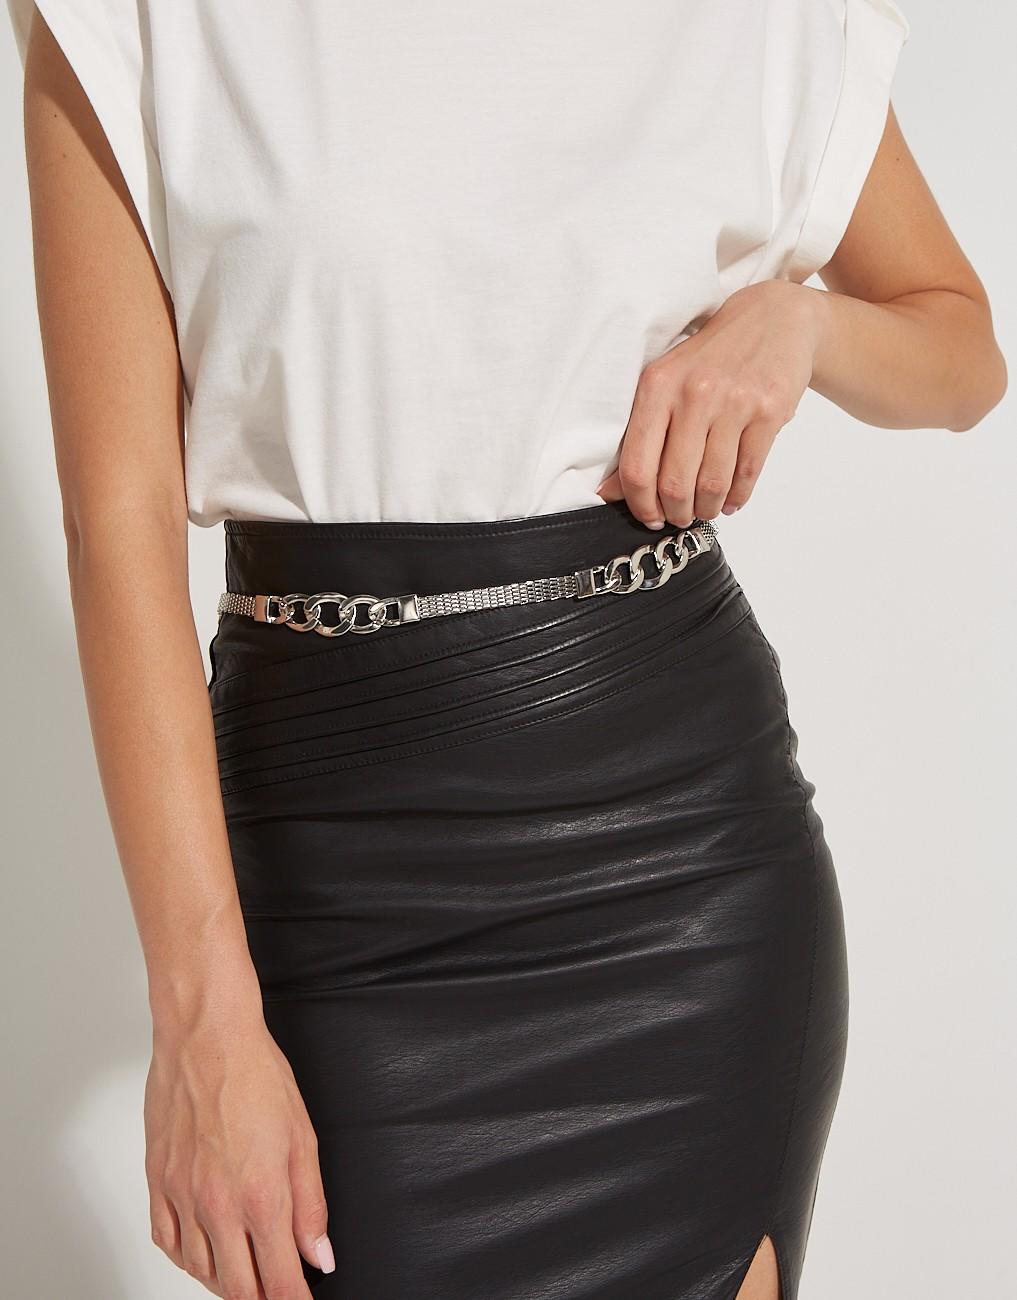 Waist belt with chain parts